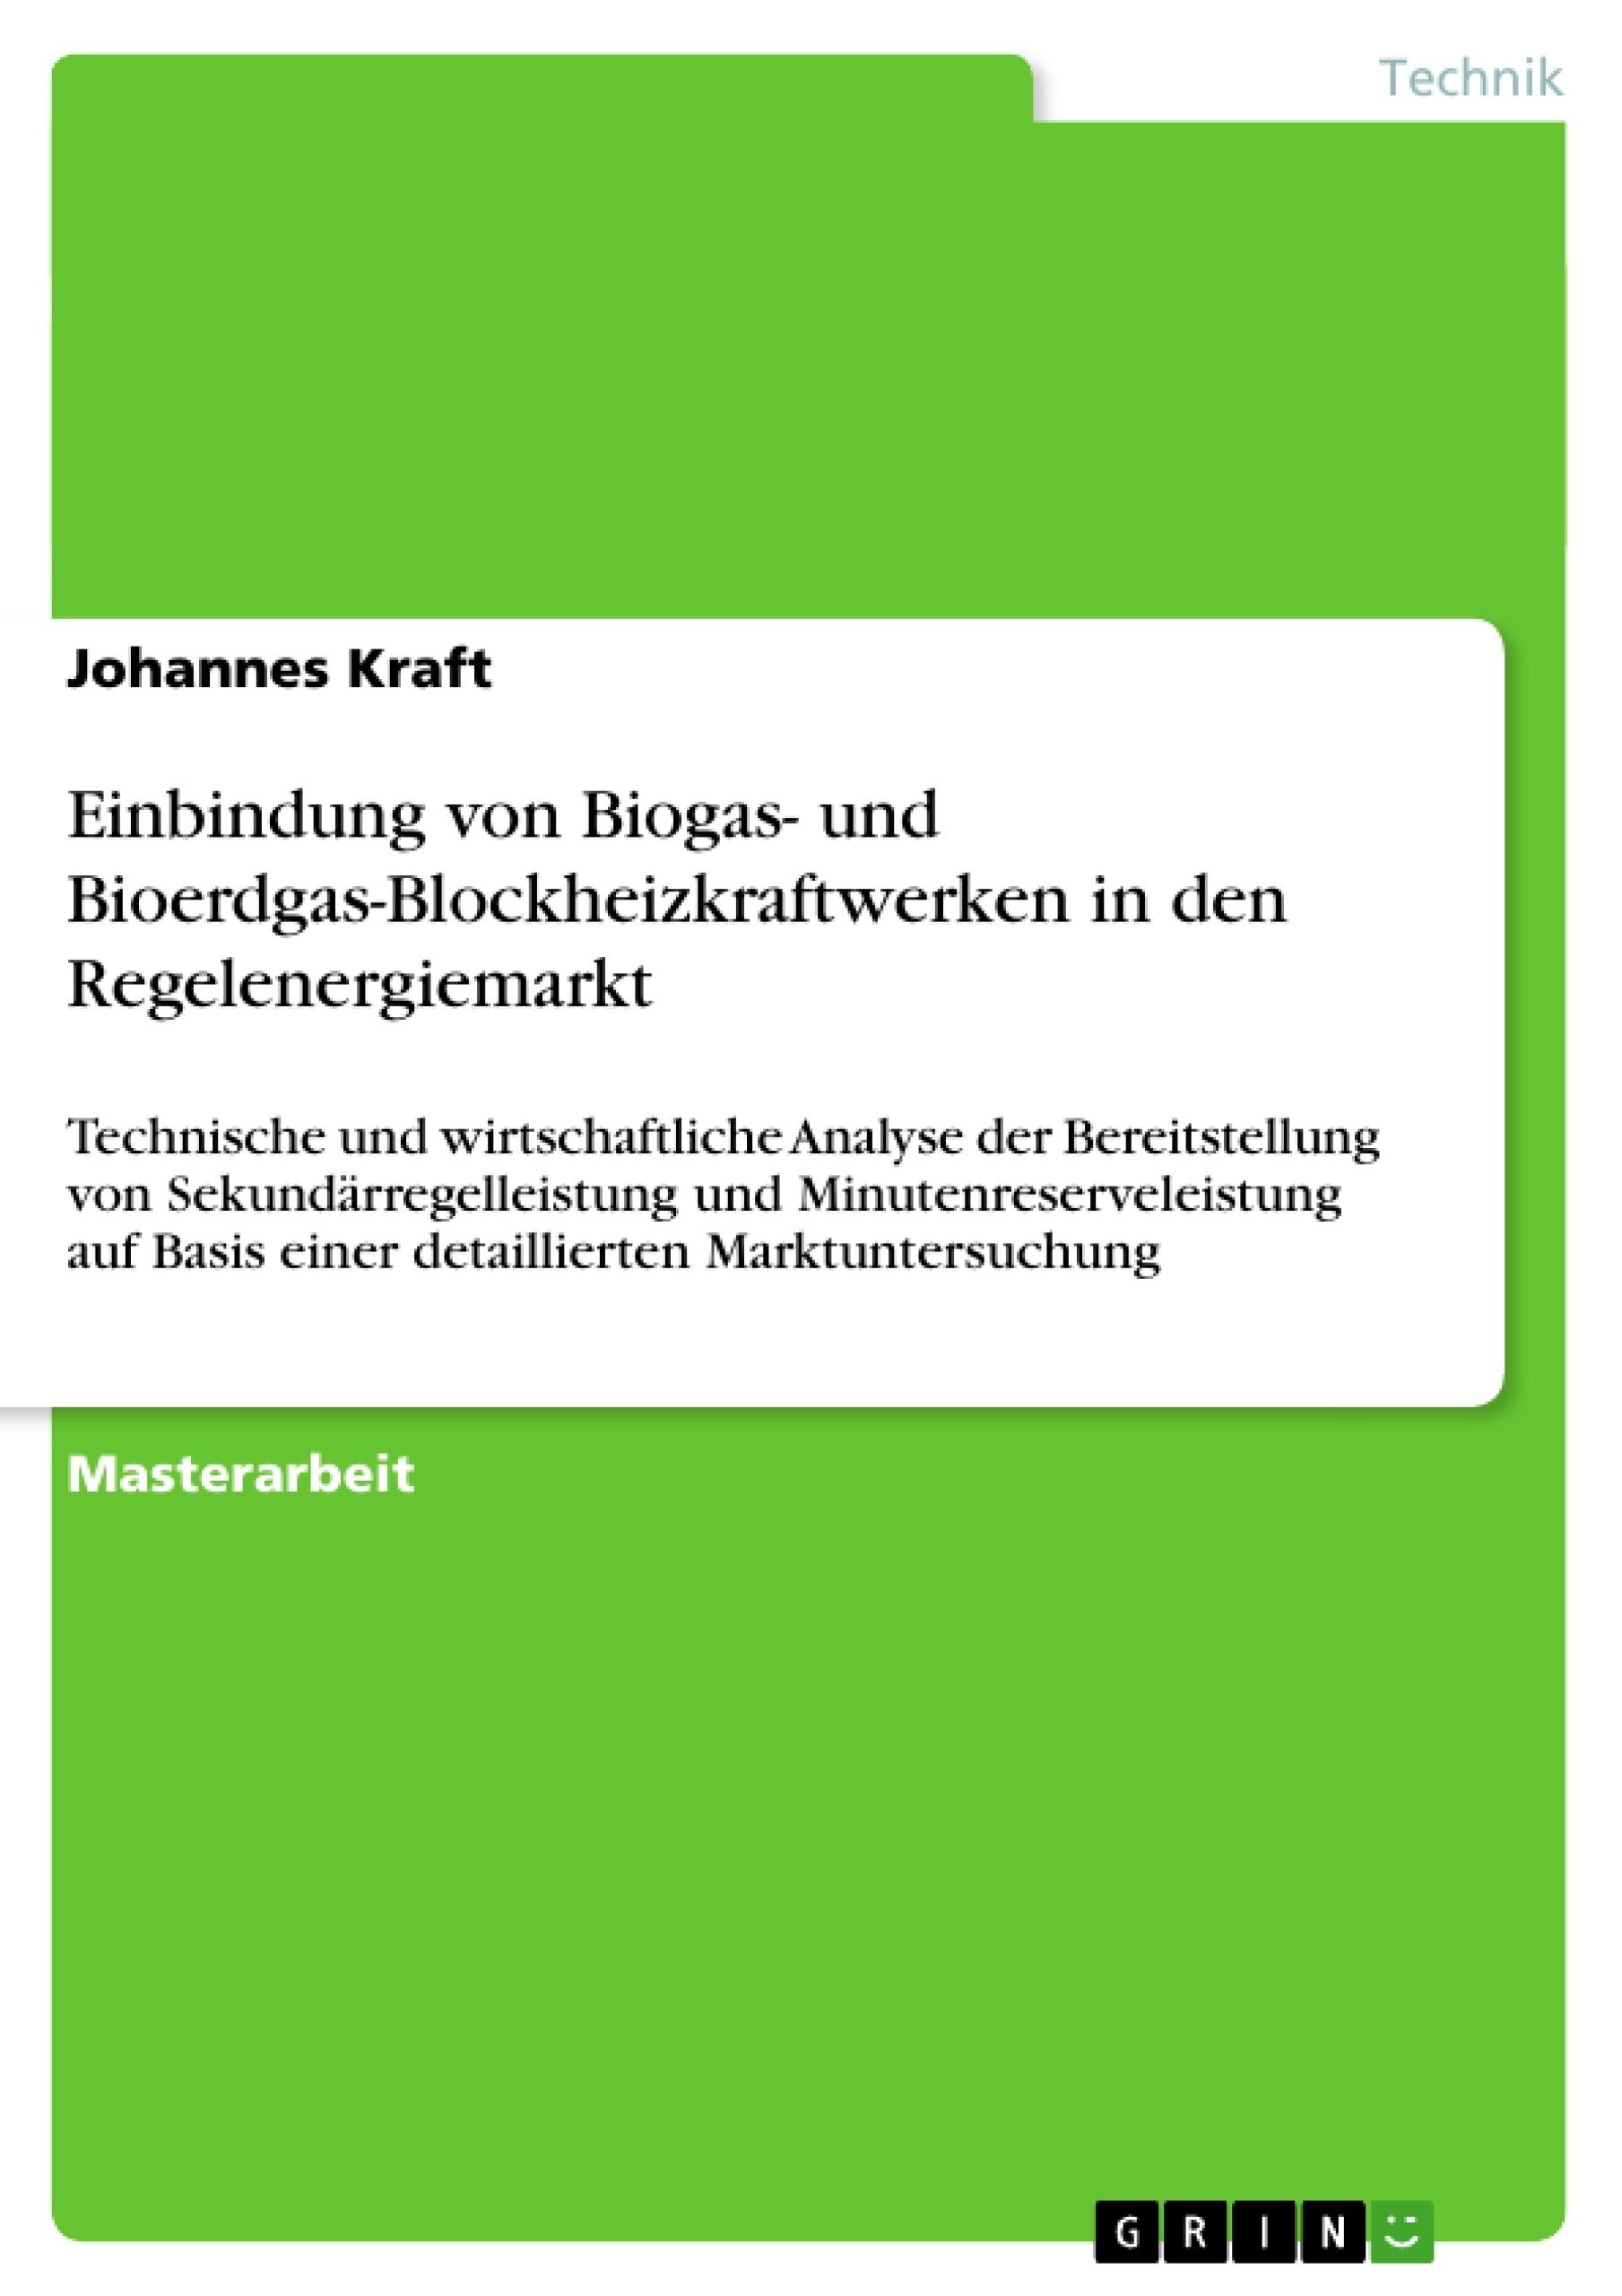 Titel: Einbindung von Biogas- und Bioerdgas-Blockheizkraftwerken in den Regelenergiemarkt